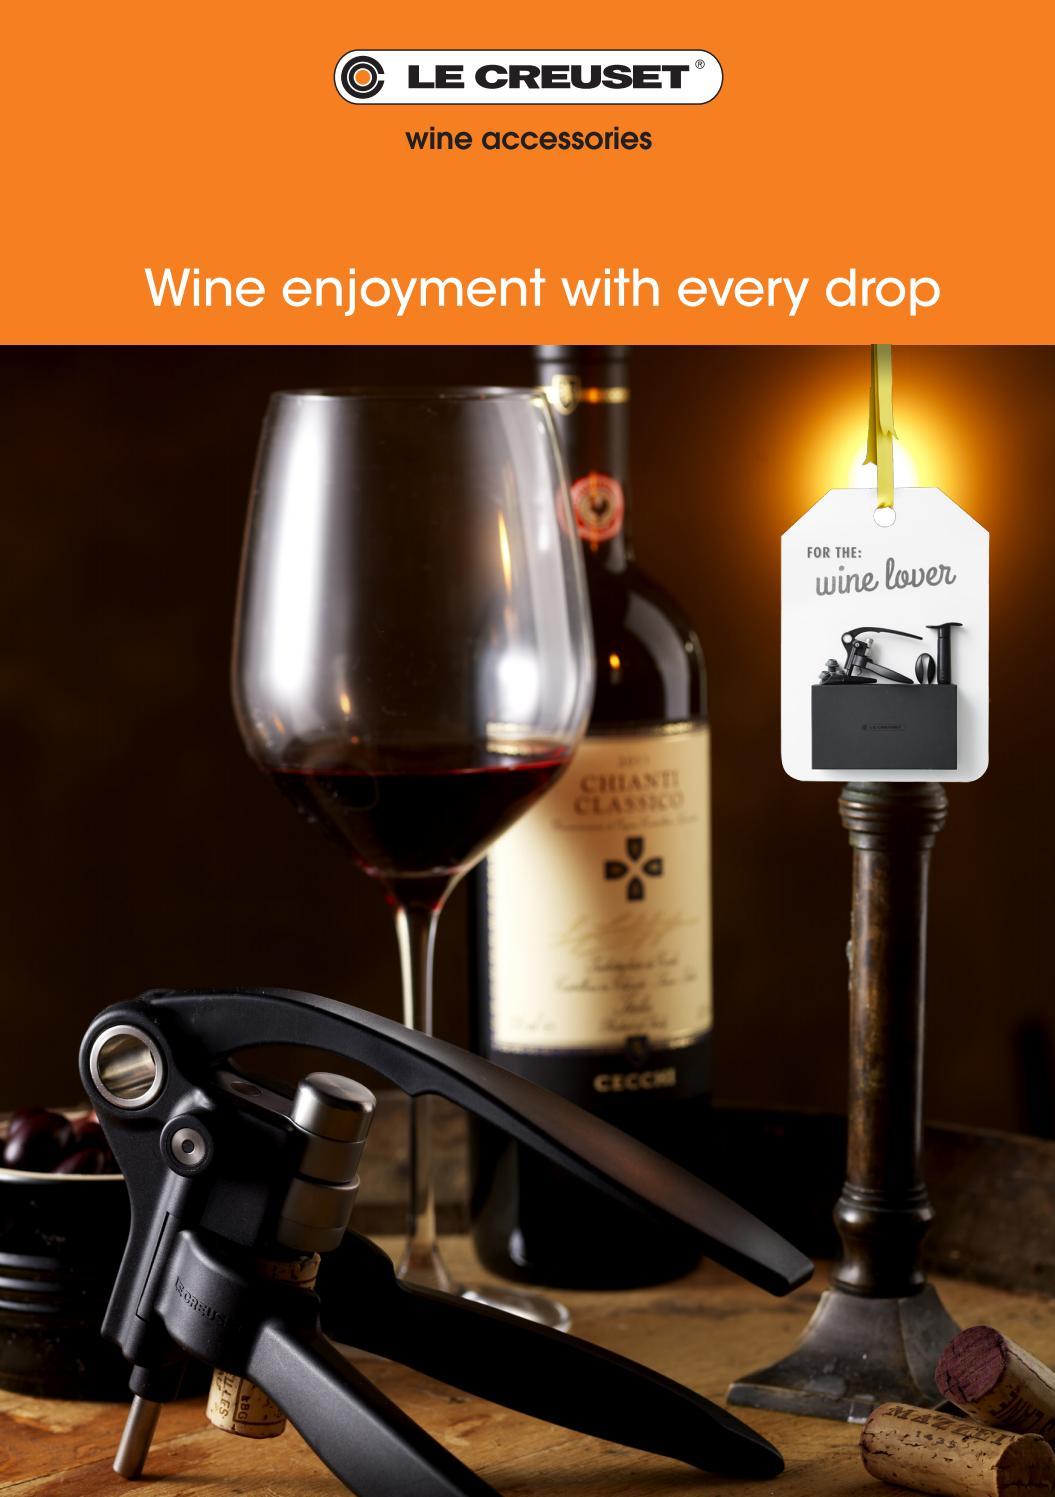 Cerise Le Creuset Wine Accessories WA-126 Wine Bottle Cooler